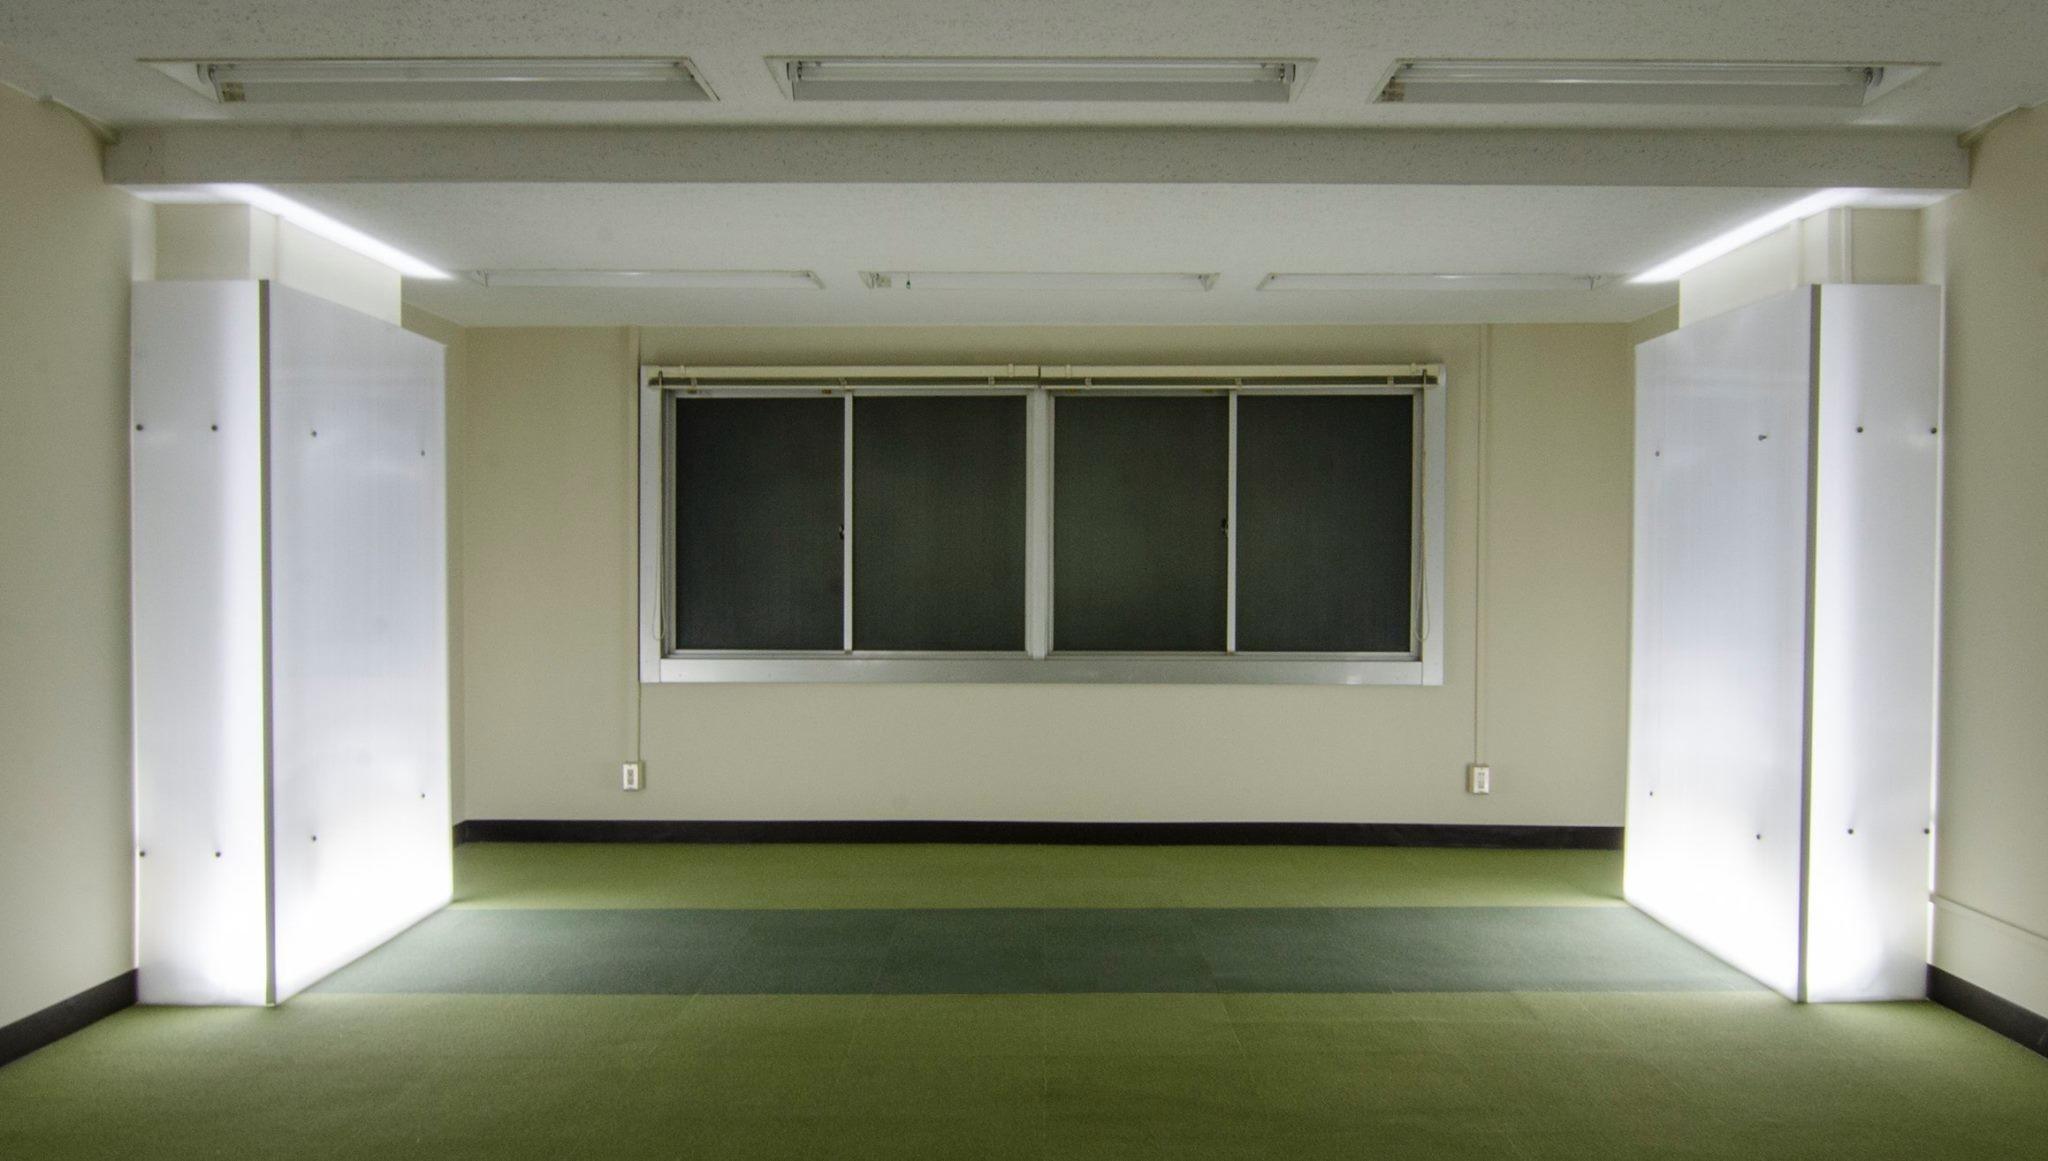 【光柱 プロジェクト】の建築事例写真